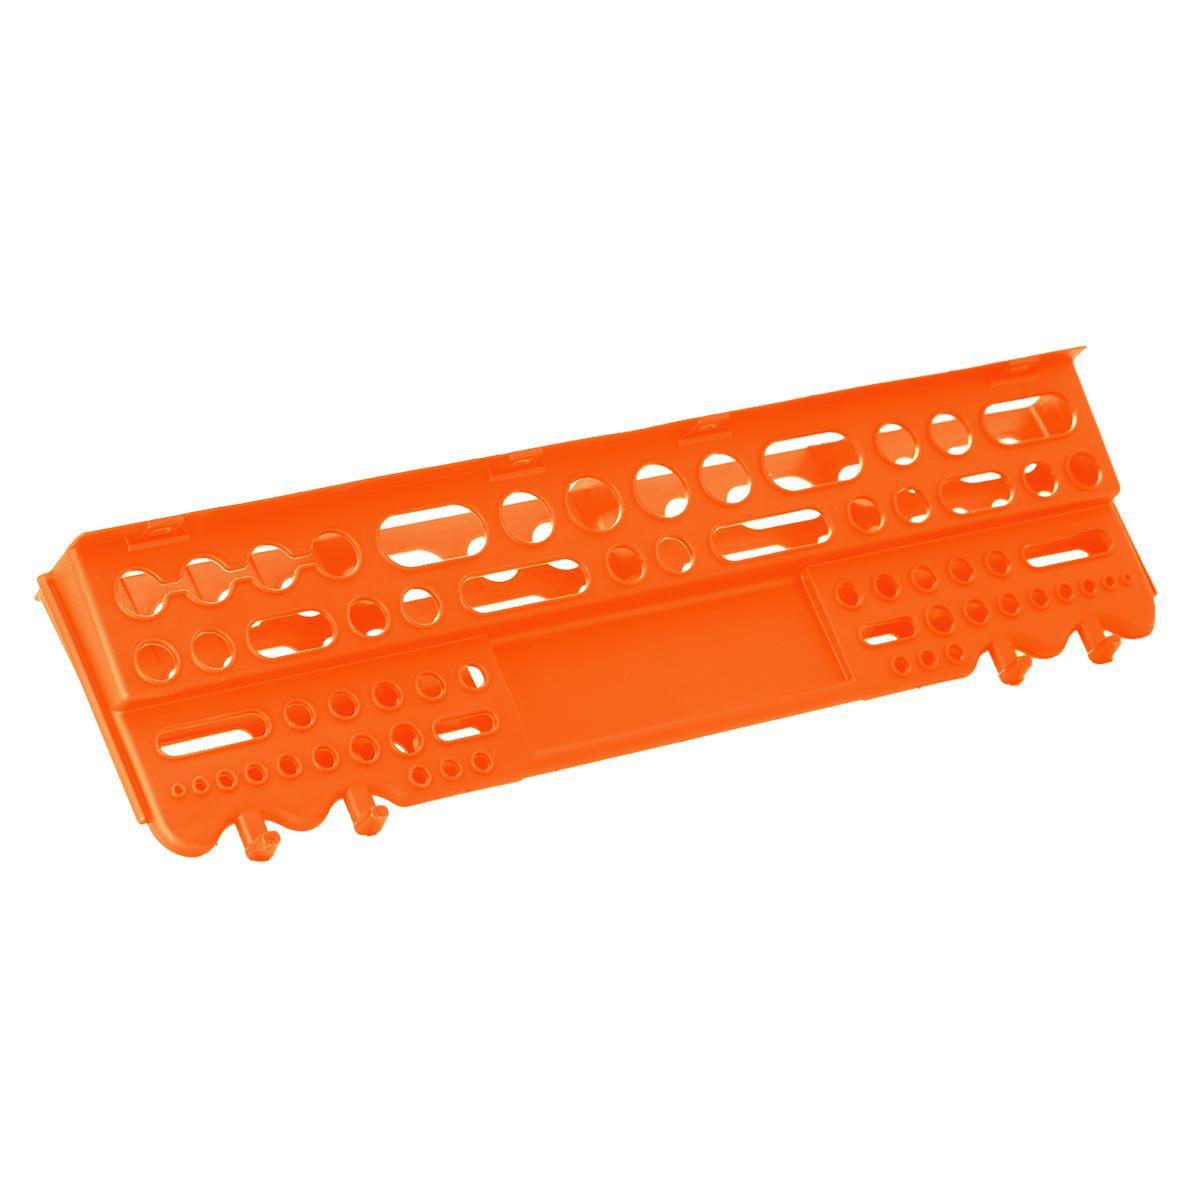 Полка для инструмента Blocker Reef, цвет: оранжевый, 625 х 168 х 74 ммПЦ3670ОРПолка для инструмента Blocker Reef выполнена из полипропилена. Прочная конструкция полки позволяет аккуратно разместить весь инструмент рядом с рабочим местом в гараже, мастерской или дома. Надежное крепление на стену выдерживает полную загрузку всех ячеек полки.